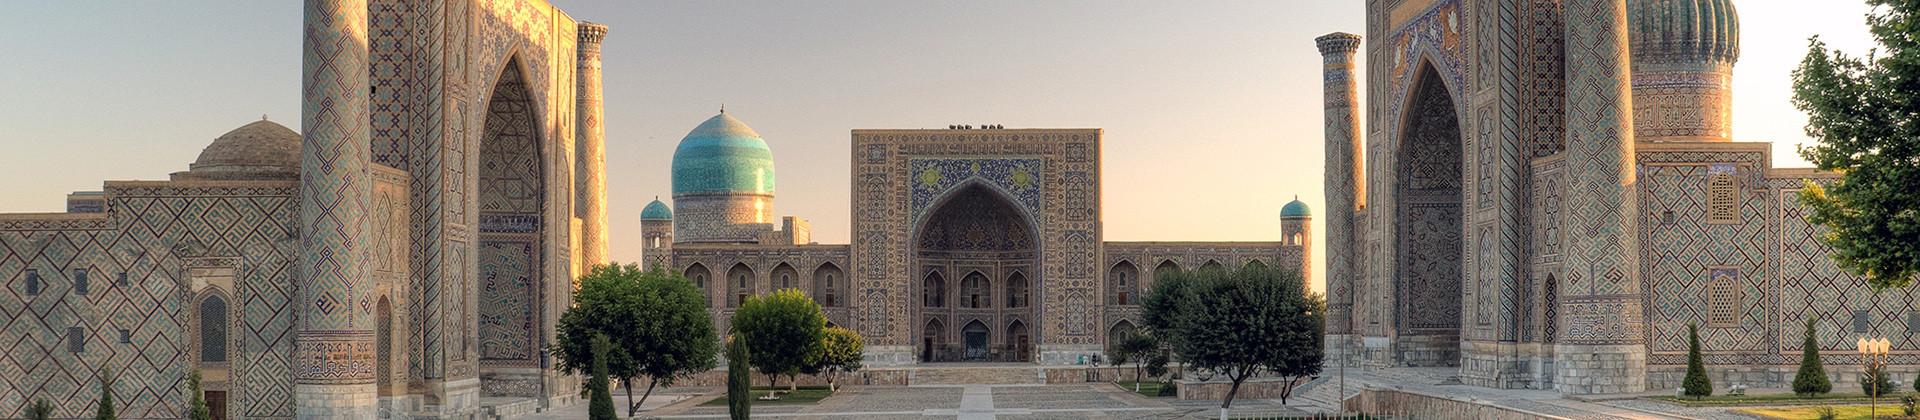 Top Cities of Uzbekistan - 1